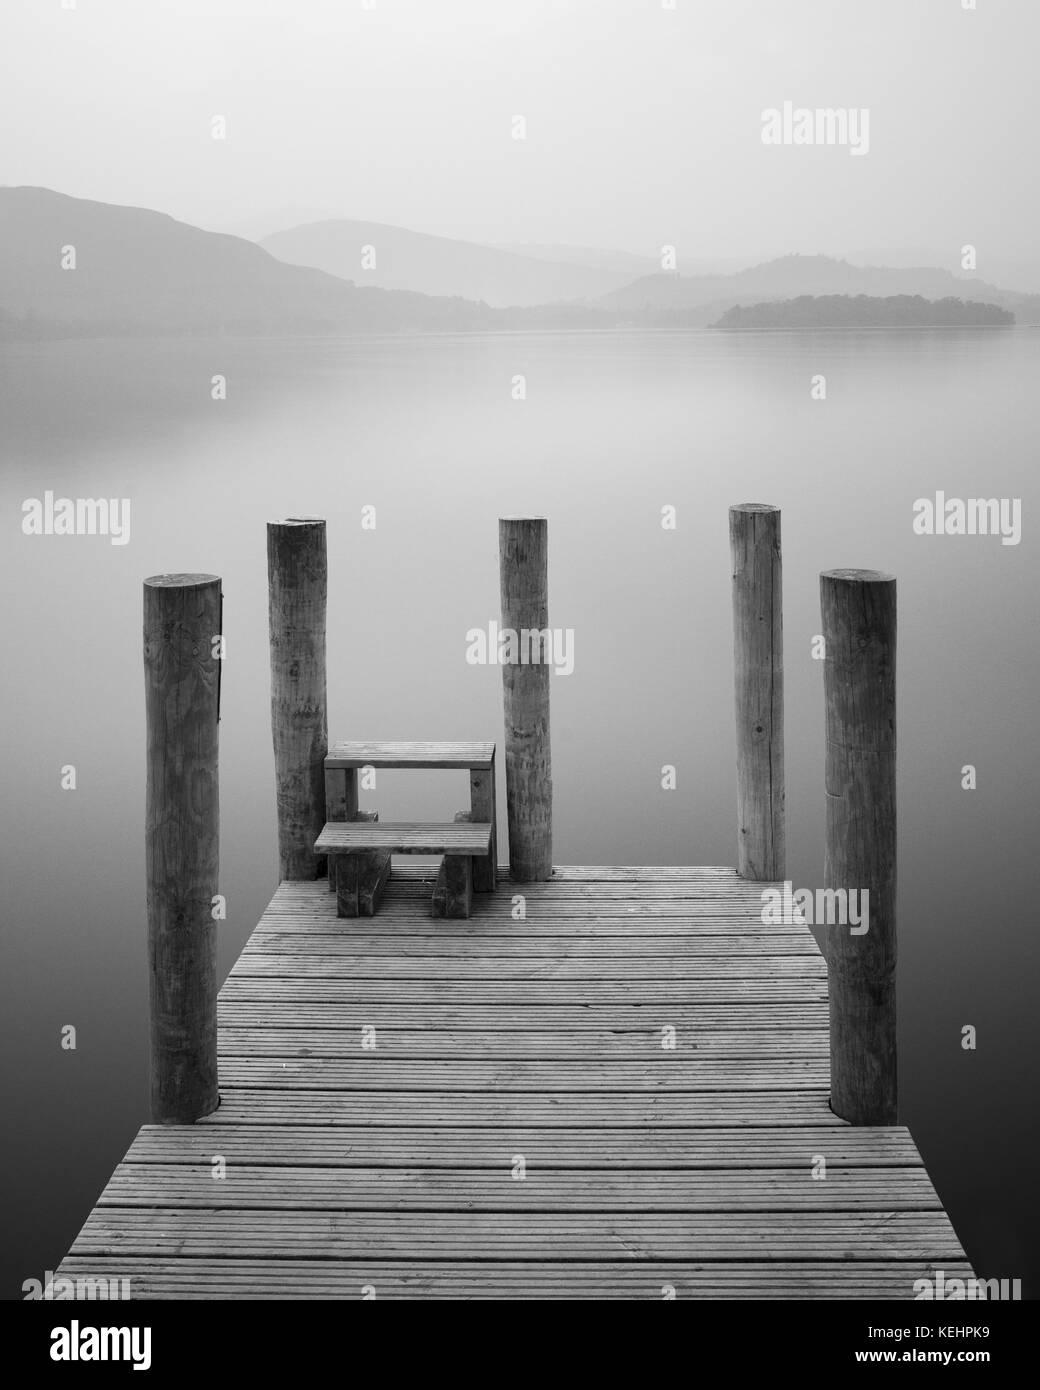 Pontile del molo di attracco delle barche sul lago Derwentwater District Foggy tranquilla meditazione calma Immagini Stock